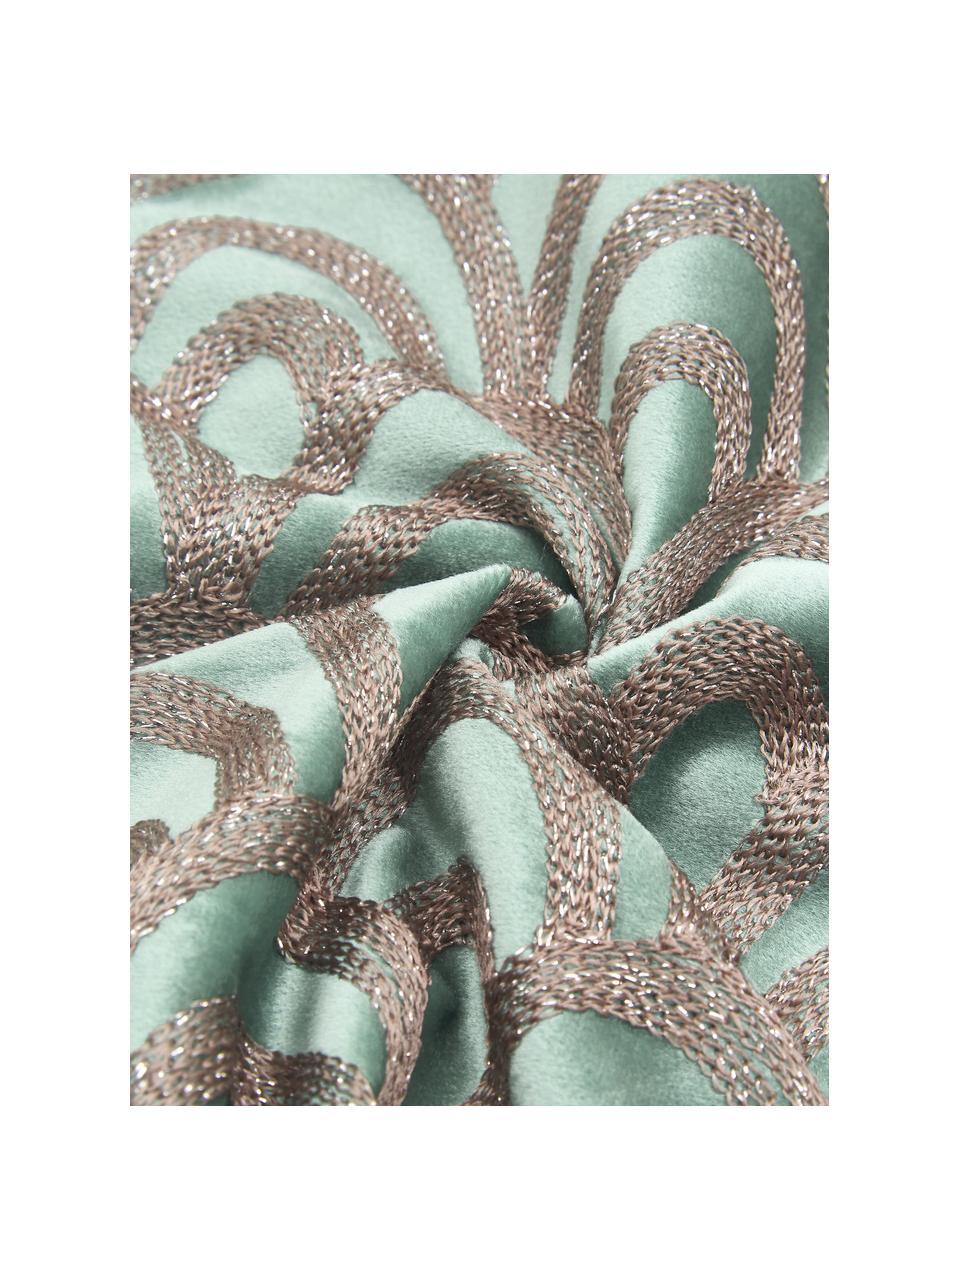 Coussin rectangulaire velours brodé Trole, Turquoise, couleur argentée